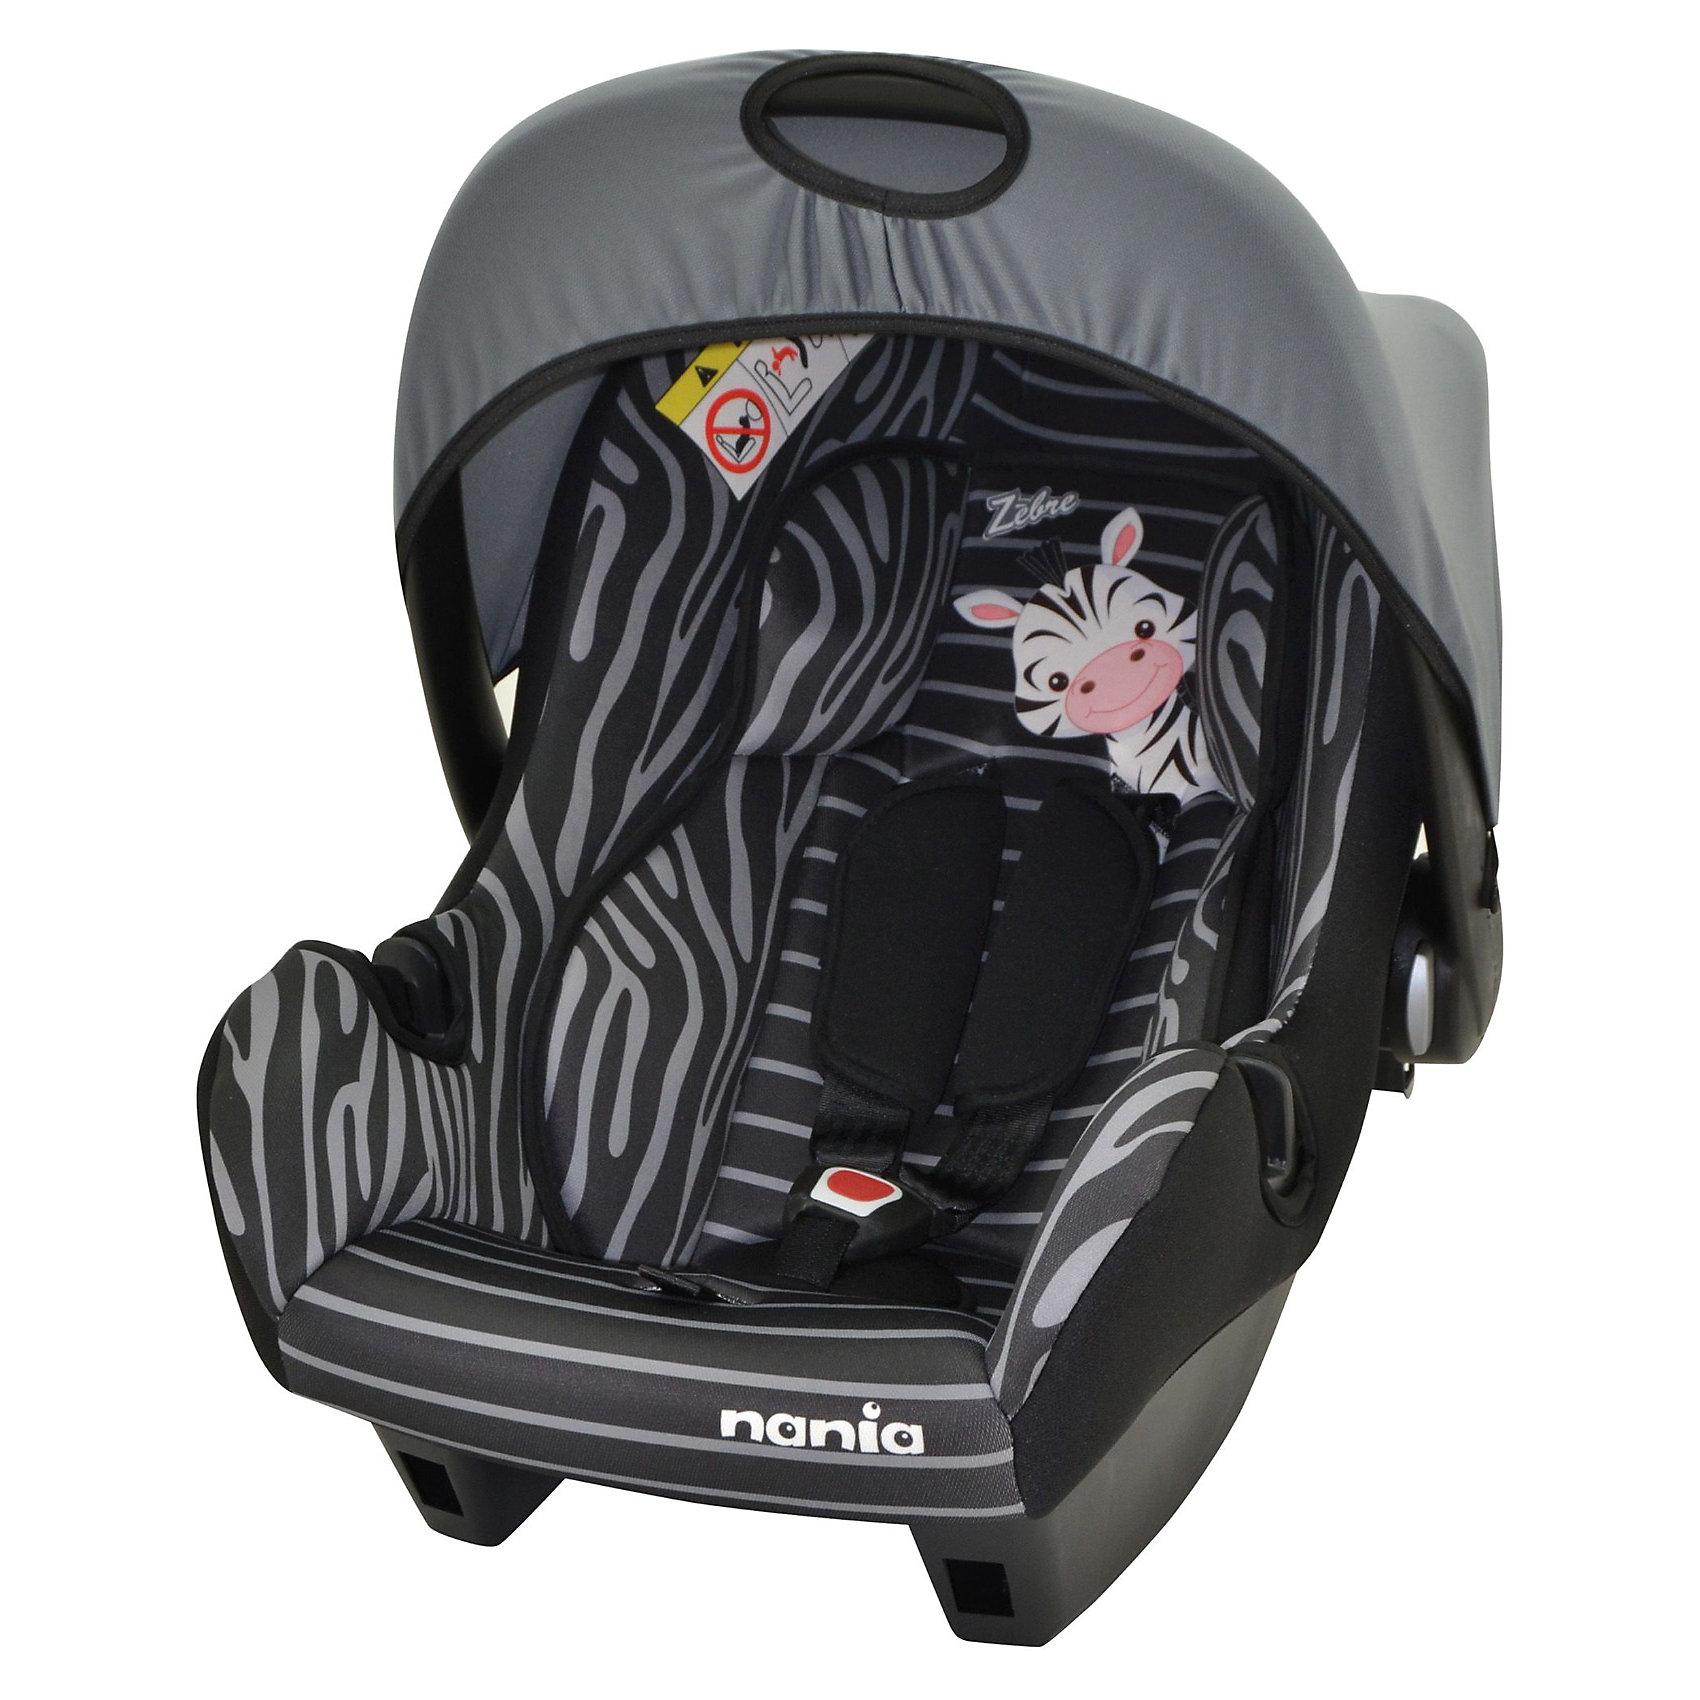 Автокресло Nania Beone SP, 0-13 кг, (zebra)Идеи подарков<br>Автокресло Beone SP от Nania разработано специально для новорожденных и гарантирует комфорт и безопасность маленького пассажира во время поездки в автомобиле. Каркас кресла имеет удобную анатомическую форму и поддерживает неокрепшие мышцы малыша, внутри мягкая подушка. Кресло оснащено регулируемыми 3-точечными ремнями безопасности с 3-мя уровнями регулировки по высоте и мягкими плечевыми накладками. Особая конструкция с двойными стенками и расширением в области головы гарантирует оптимальную защиту при боковом ударе. Солнцезащитный козырек не допускает попадания прямых солнечных лучей и пропускает воздух. Тканевую обивку и подушку можно снимать и стирать при щадящем режиме.<br><br>Кресло также может использоваться как качалка и детская переноска. Имеется эргономичная ручка для транспортировки. Кресло устанавливается на заднем сиденье против хода движения автомобиля при помощи штатных ремней безопасности. Благодаря специальной системе крепления автокресло Beone SP легко и надежно фиксируется в автомобиле.<br><br>Автокресло Beone SP рассчитано на детей с рождения до 12 мес., весом 0-13 кг.<br>     <br>Дополнительная информация:<br><br>- Цвет: zebra (зебра).<br>- Материал: полиэстер, пластик.<br>- Внешние размеры: 70 х 47 х 40 см.<br>- Внутренние размеры: 32 х 30 см.<br>- Высота спинки: 46 см.<br>- Вес: 3,2 кг. <br><br>Автокресло Beone SP Nania можно купить в нашем интернет-магазине.<br><br>Ширина мм: 390<br>Глубина мм: 720<br>Высота мм: 400<br>Вес г: 7690<br>Возраст от месяцев: 0<br>Возраст до месяцев: 12<br>Пол: Унисекс<br>Возраст: Детский<br>SKU: 3607050